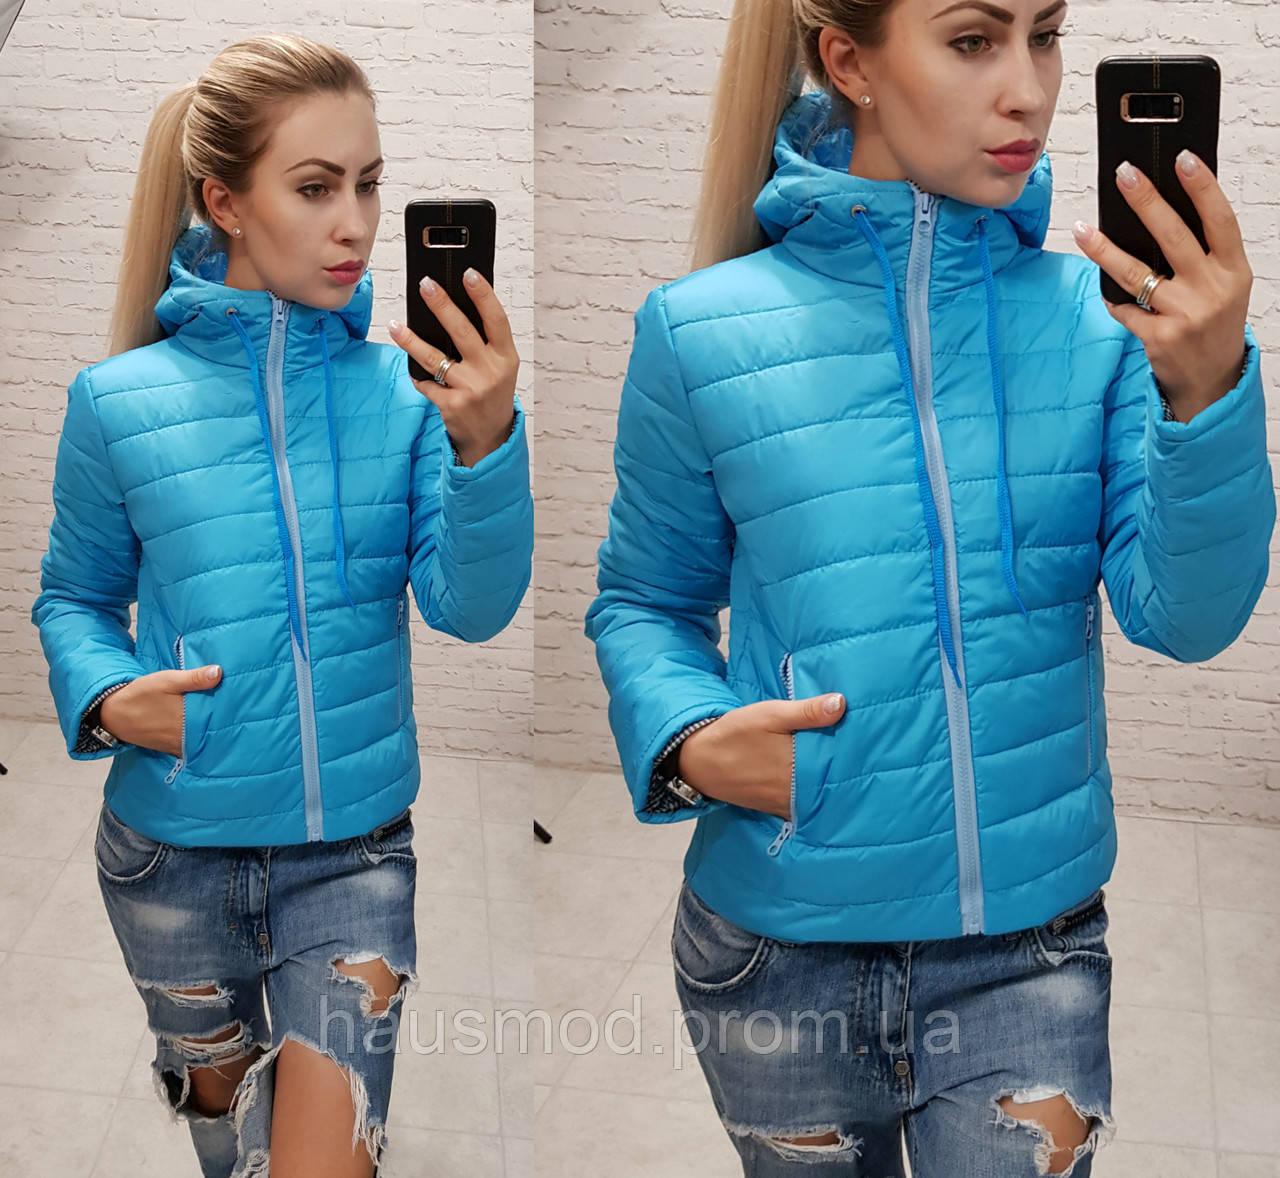 bc428bddca2 Новинка! женская короткая стеганная куртка с капюшоном голубая 42 44 46 -